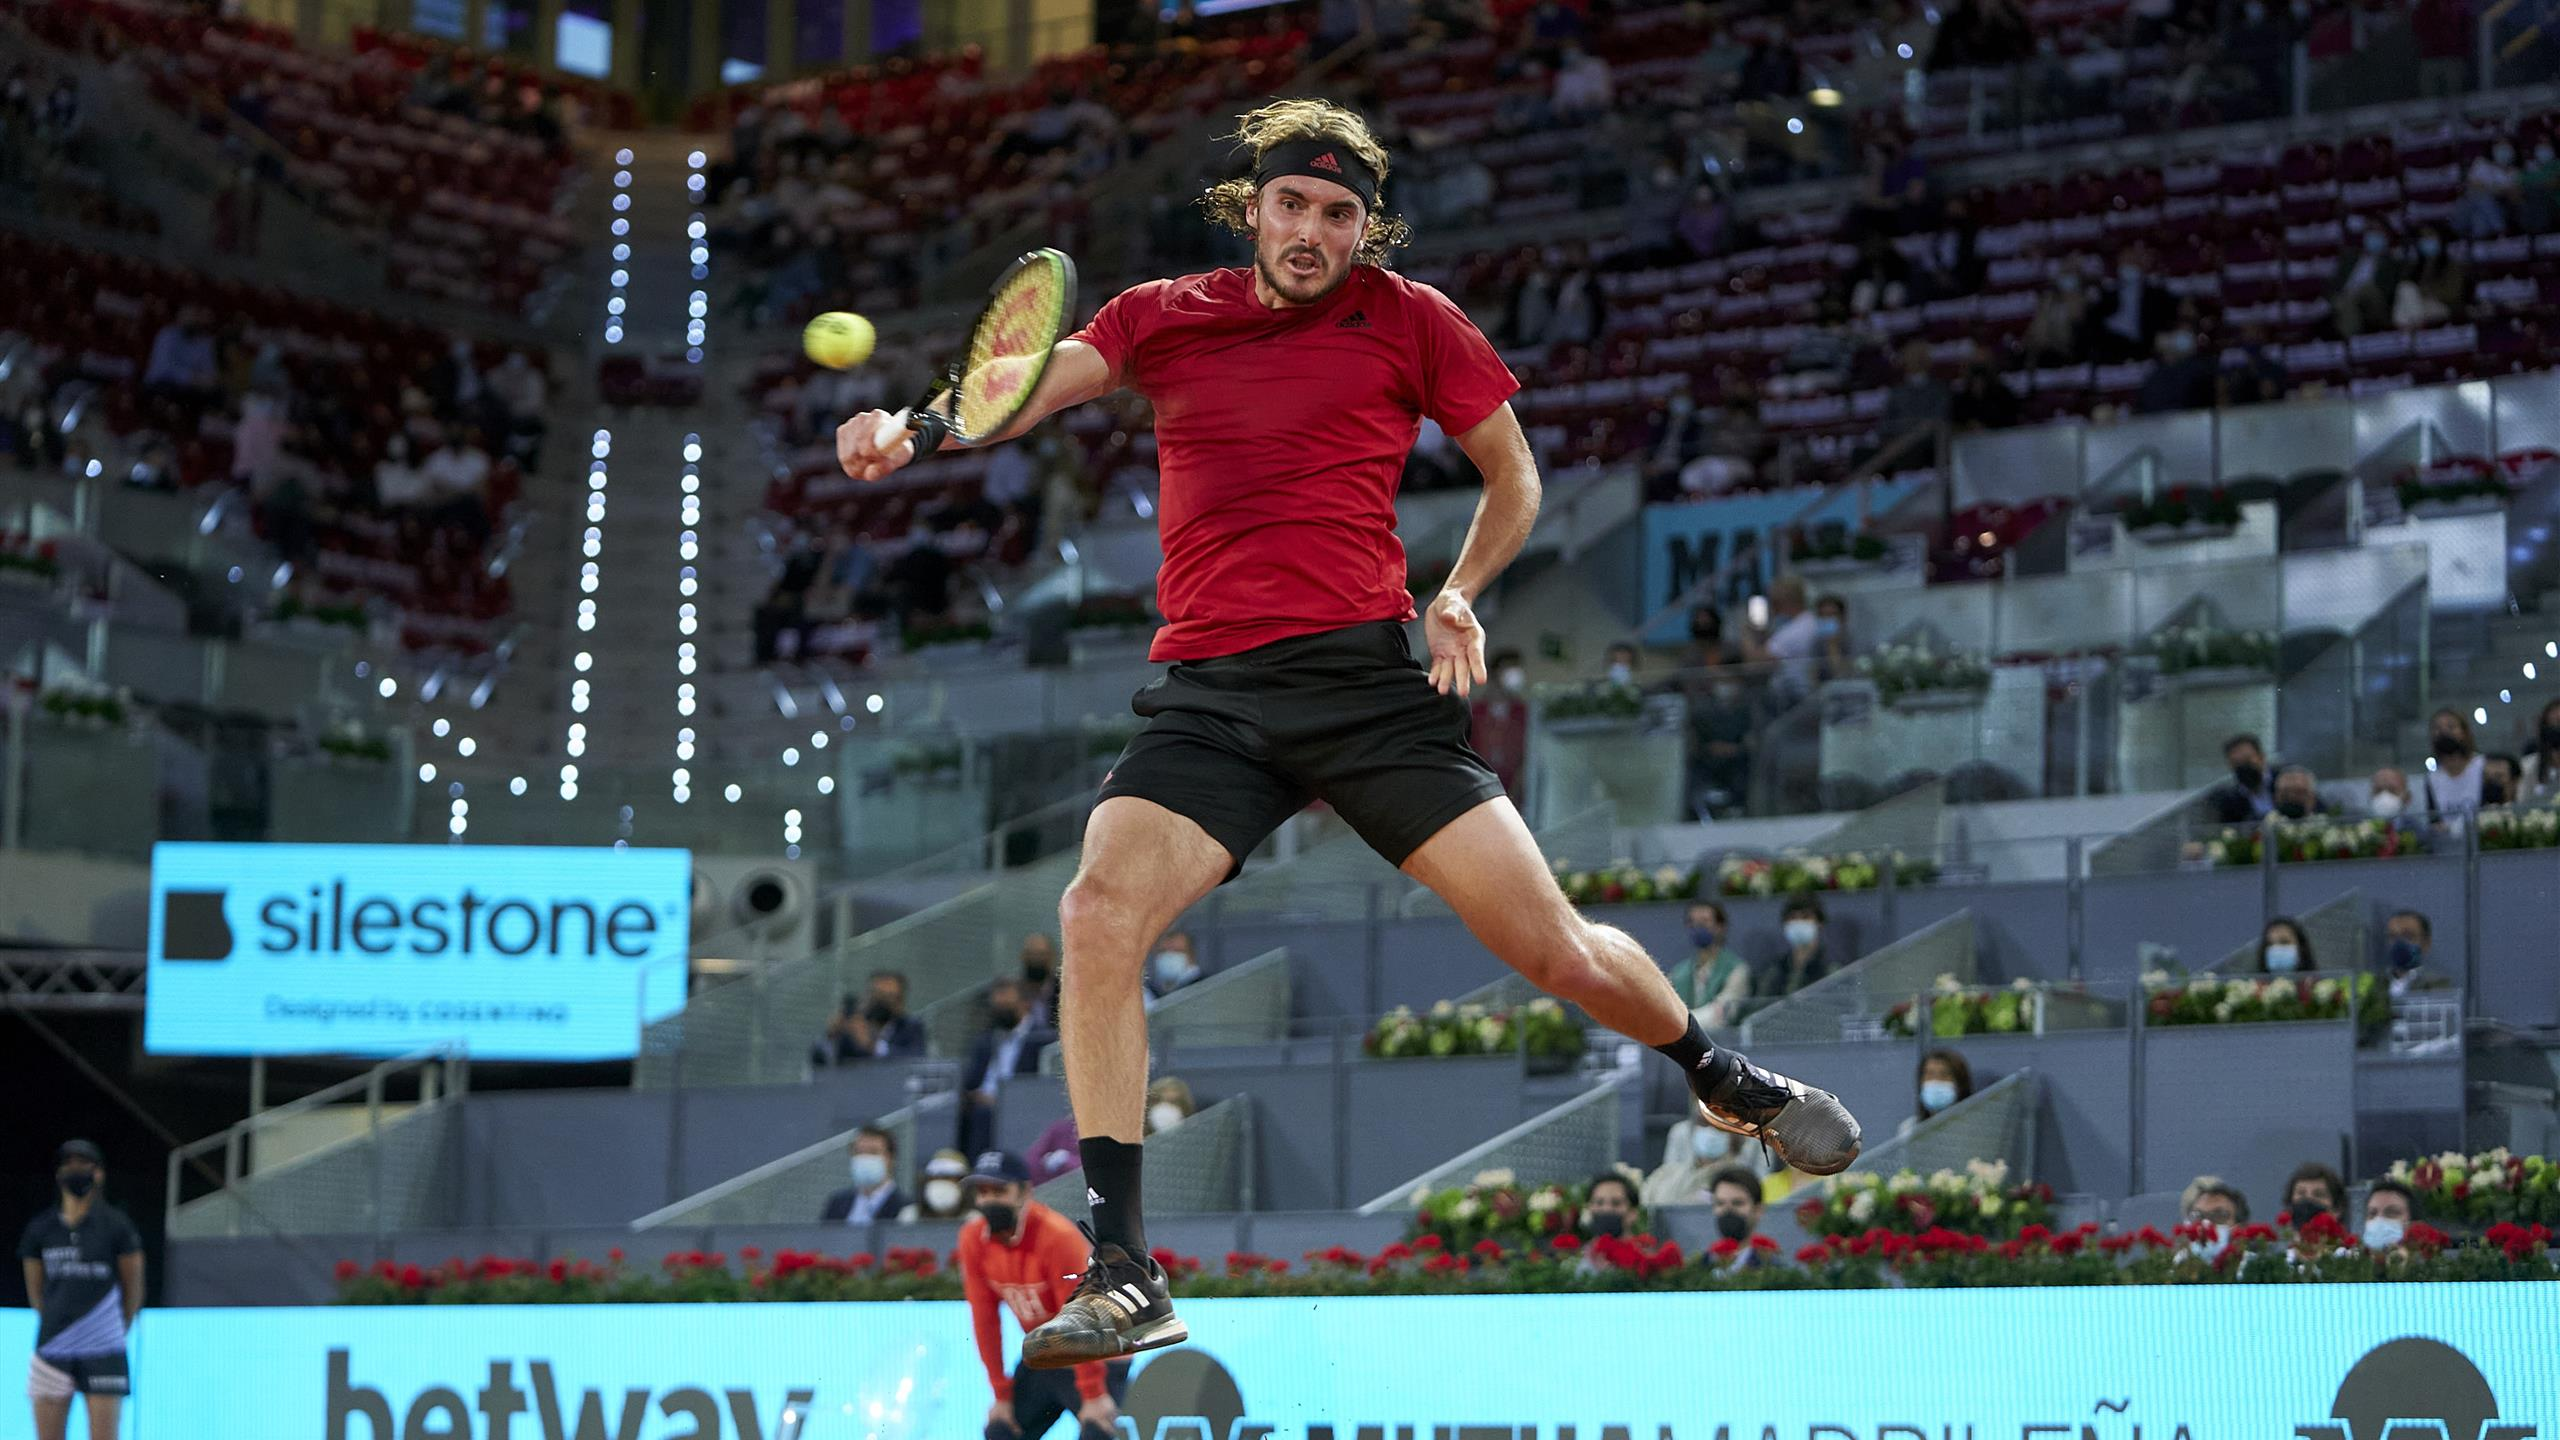 Masters Madrid – Le résumé du match Casper Ruud – Stefanos Tsitsipas – Vidéo Tennis